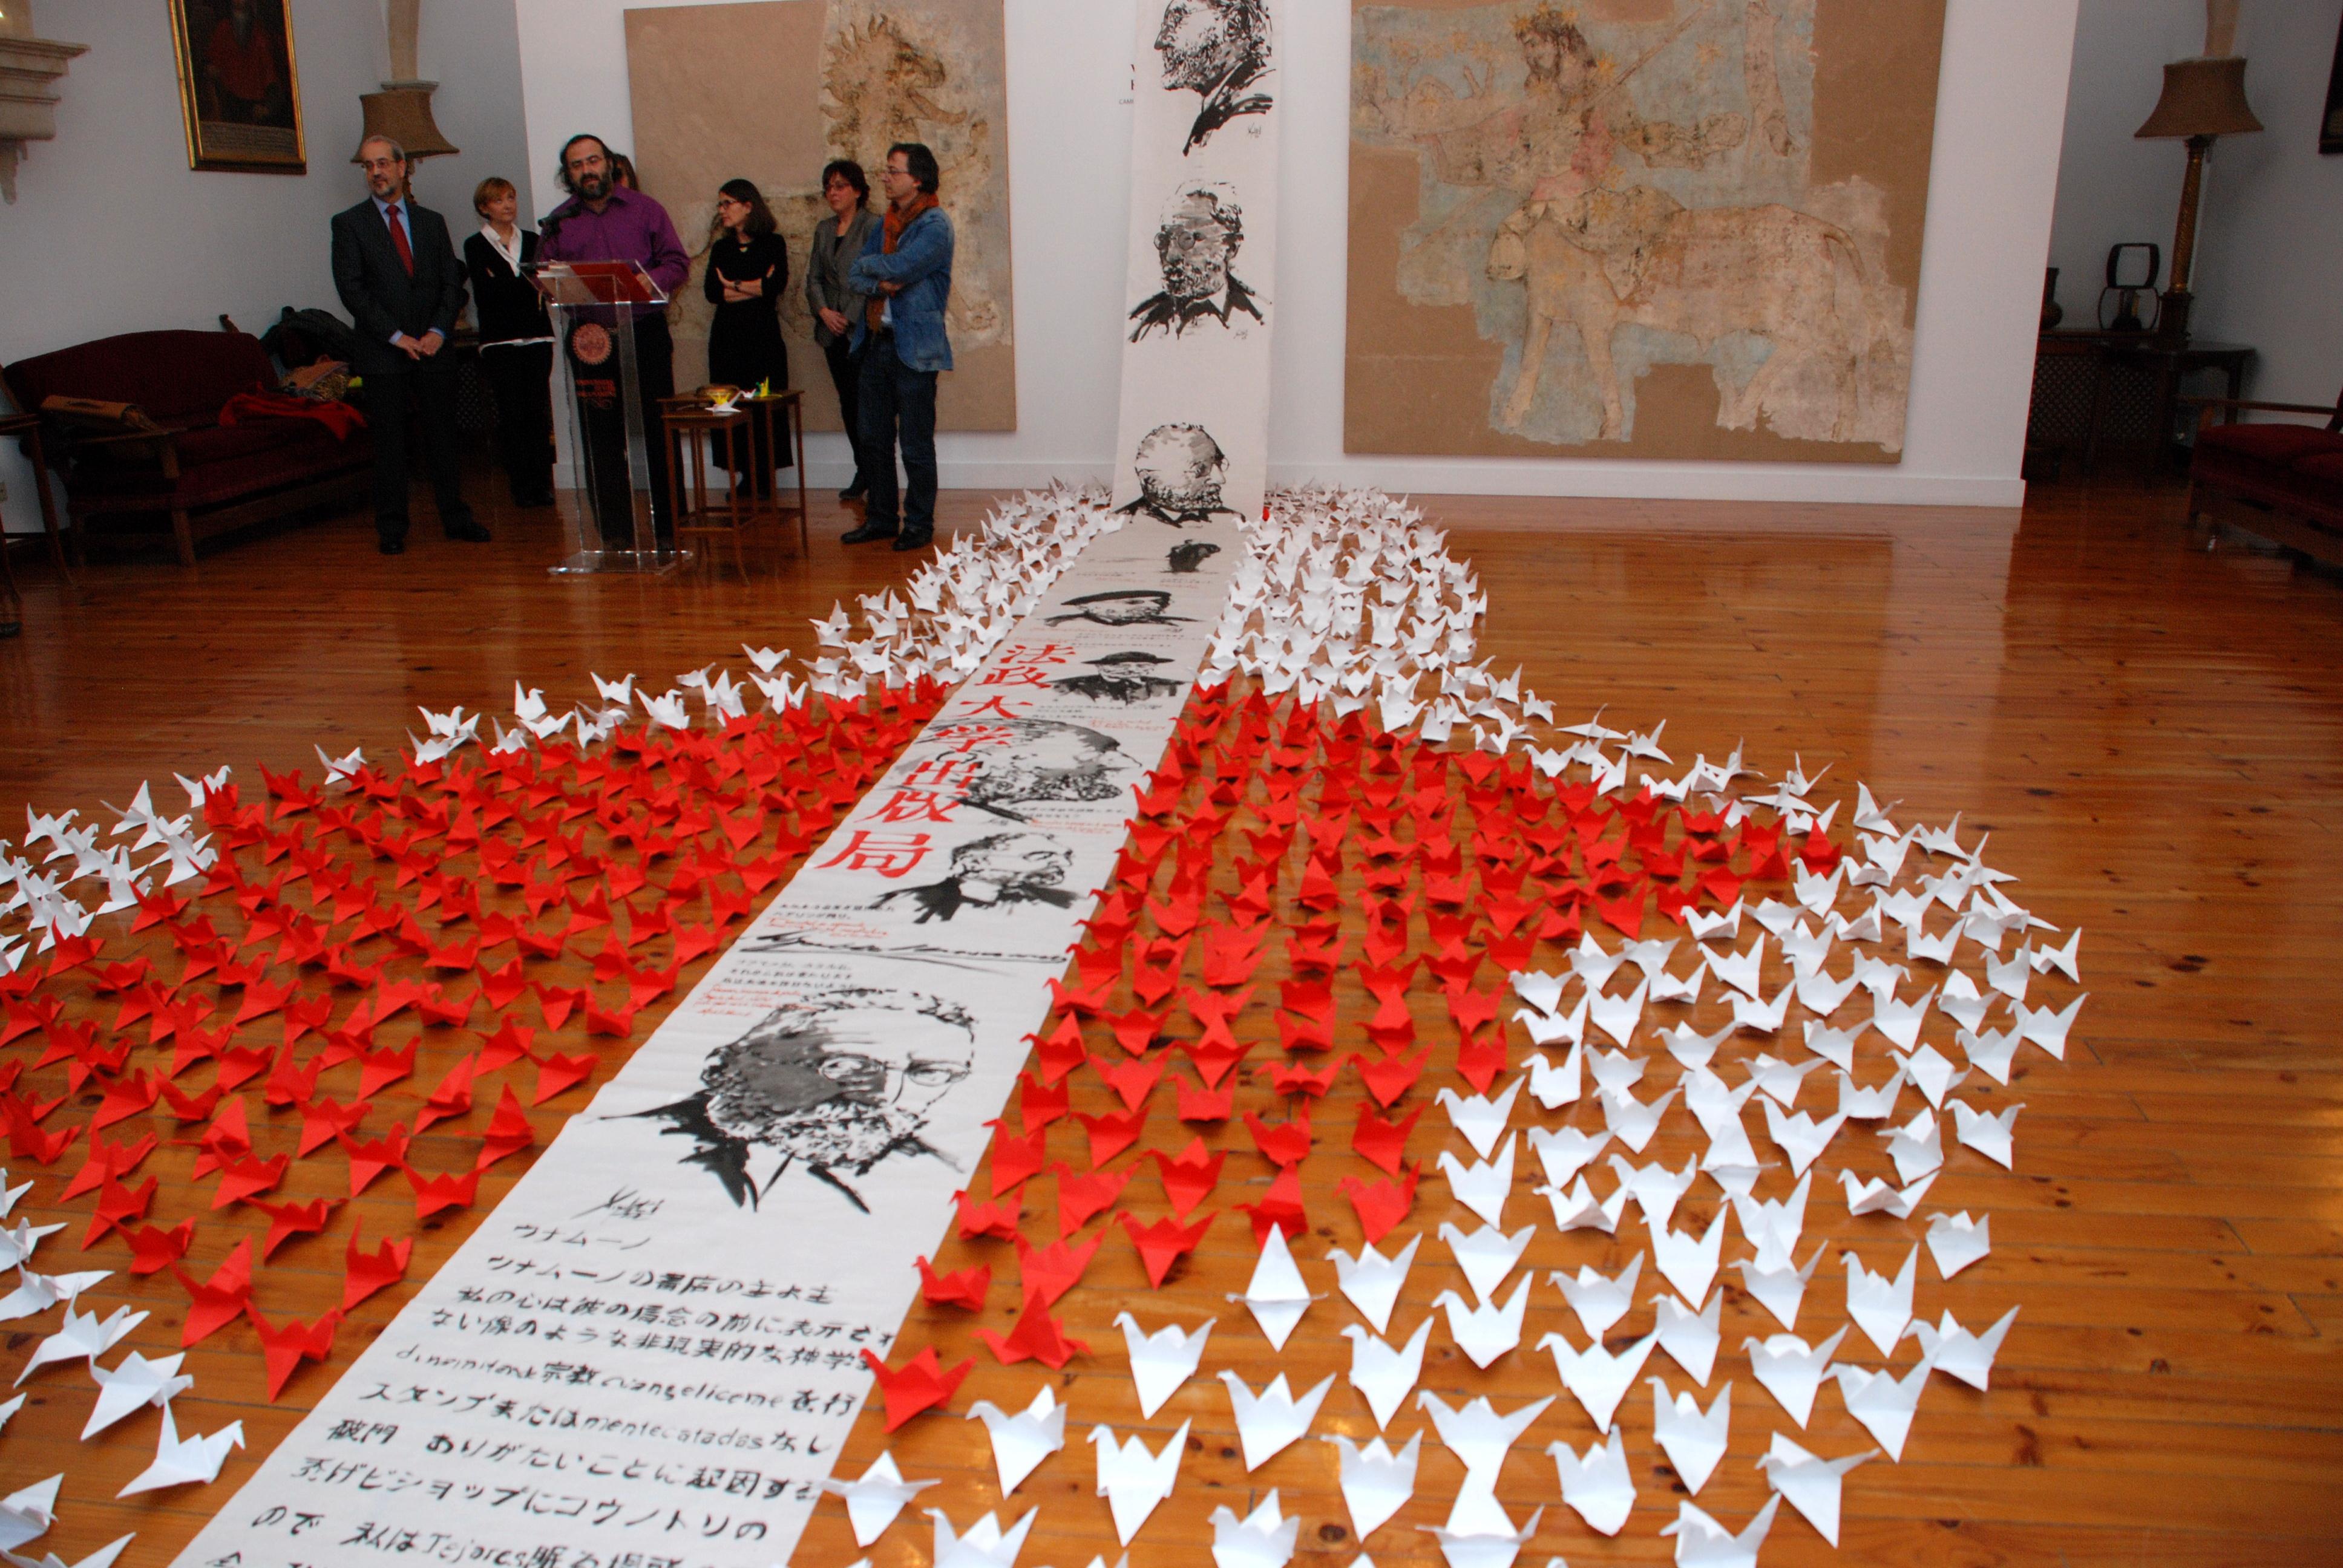 Los profesores Pérez Alencart y Miguel Elías donan a la Universidad de Salamanca un cuaderno de haykus en seis idiomas ilustrado con dibujos